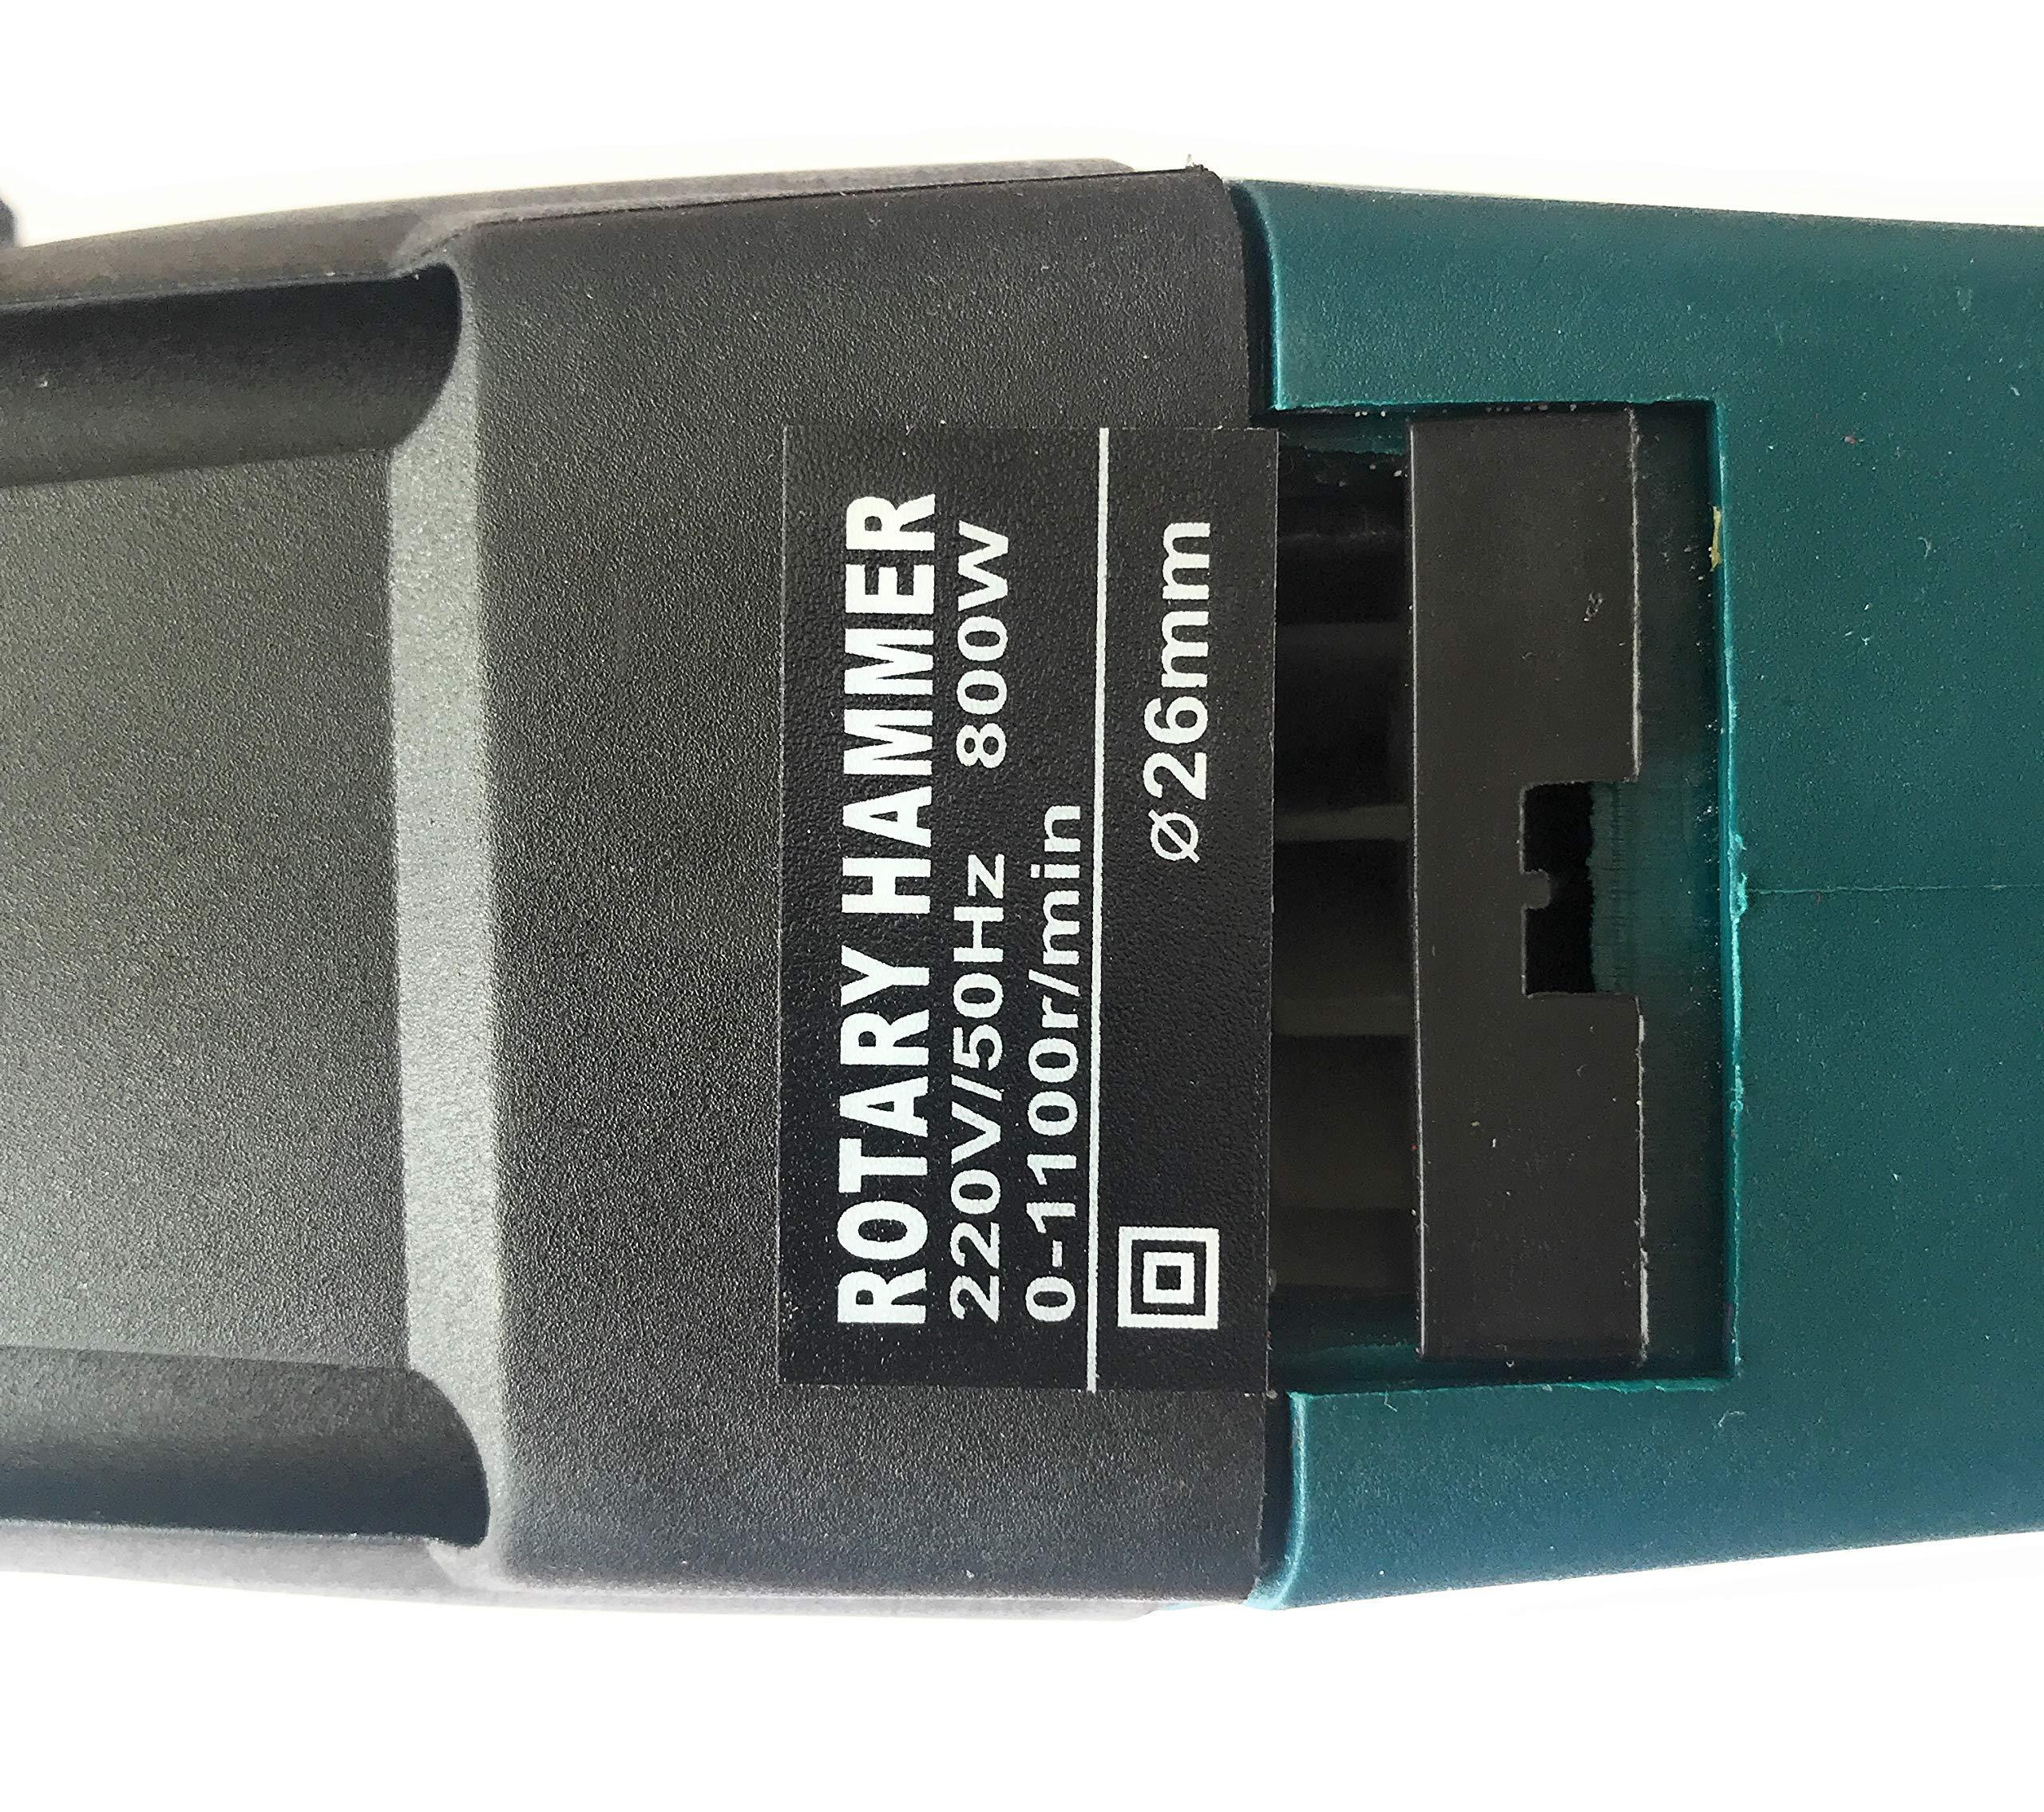 Taladro – Martillo Percutor Ligero Ronix SDS-PLUS, 800w. Hasta broca de 26mm, Electronico de 0-1100rpm, Reversible, 3 Julios de potencia de impacto. 3 modos de trabajo